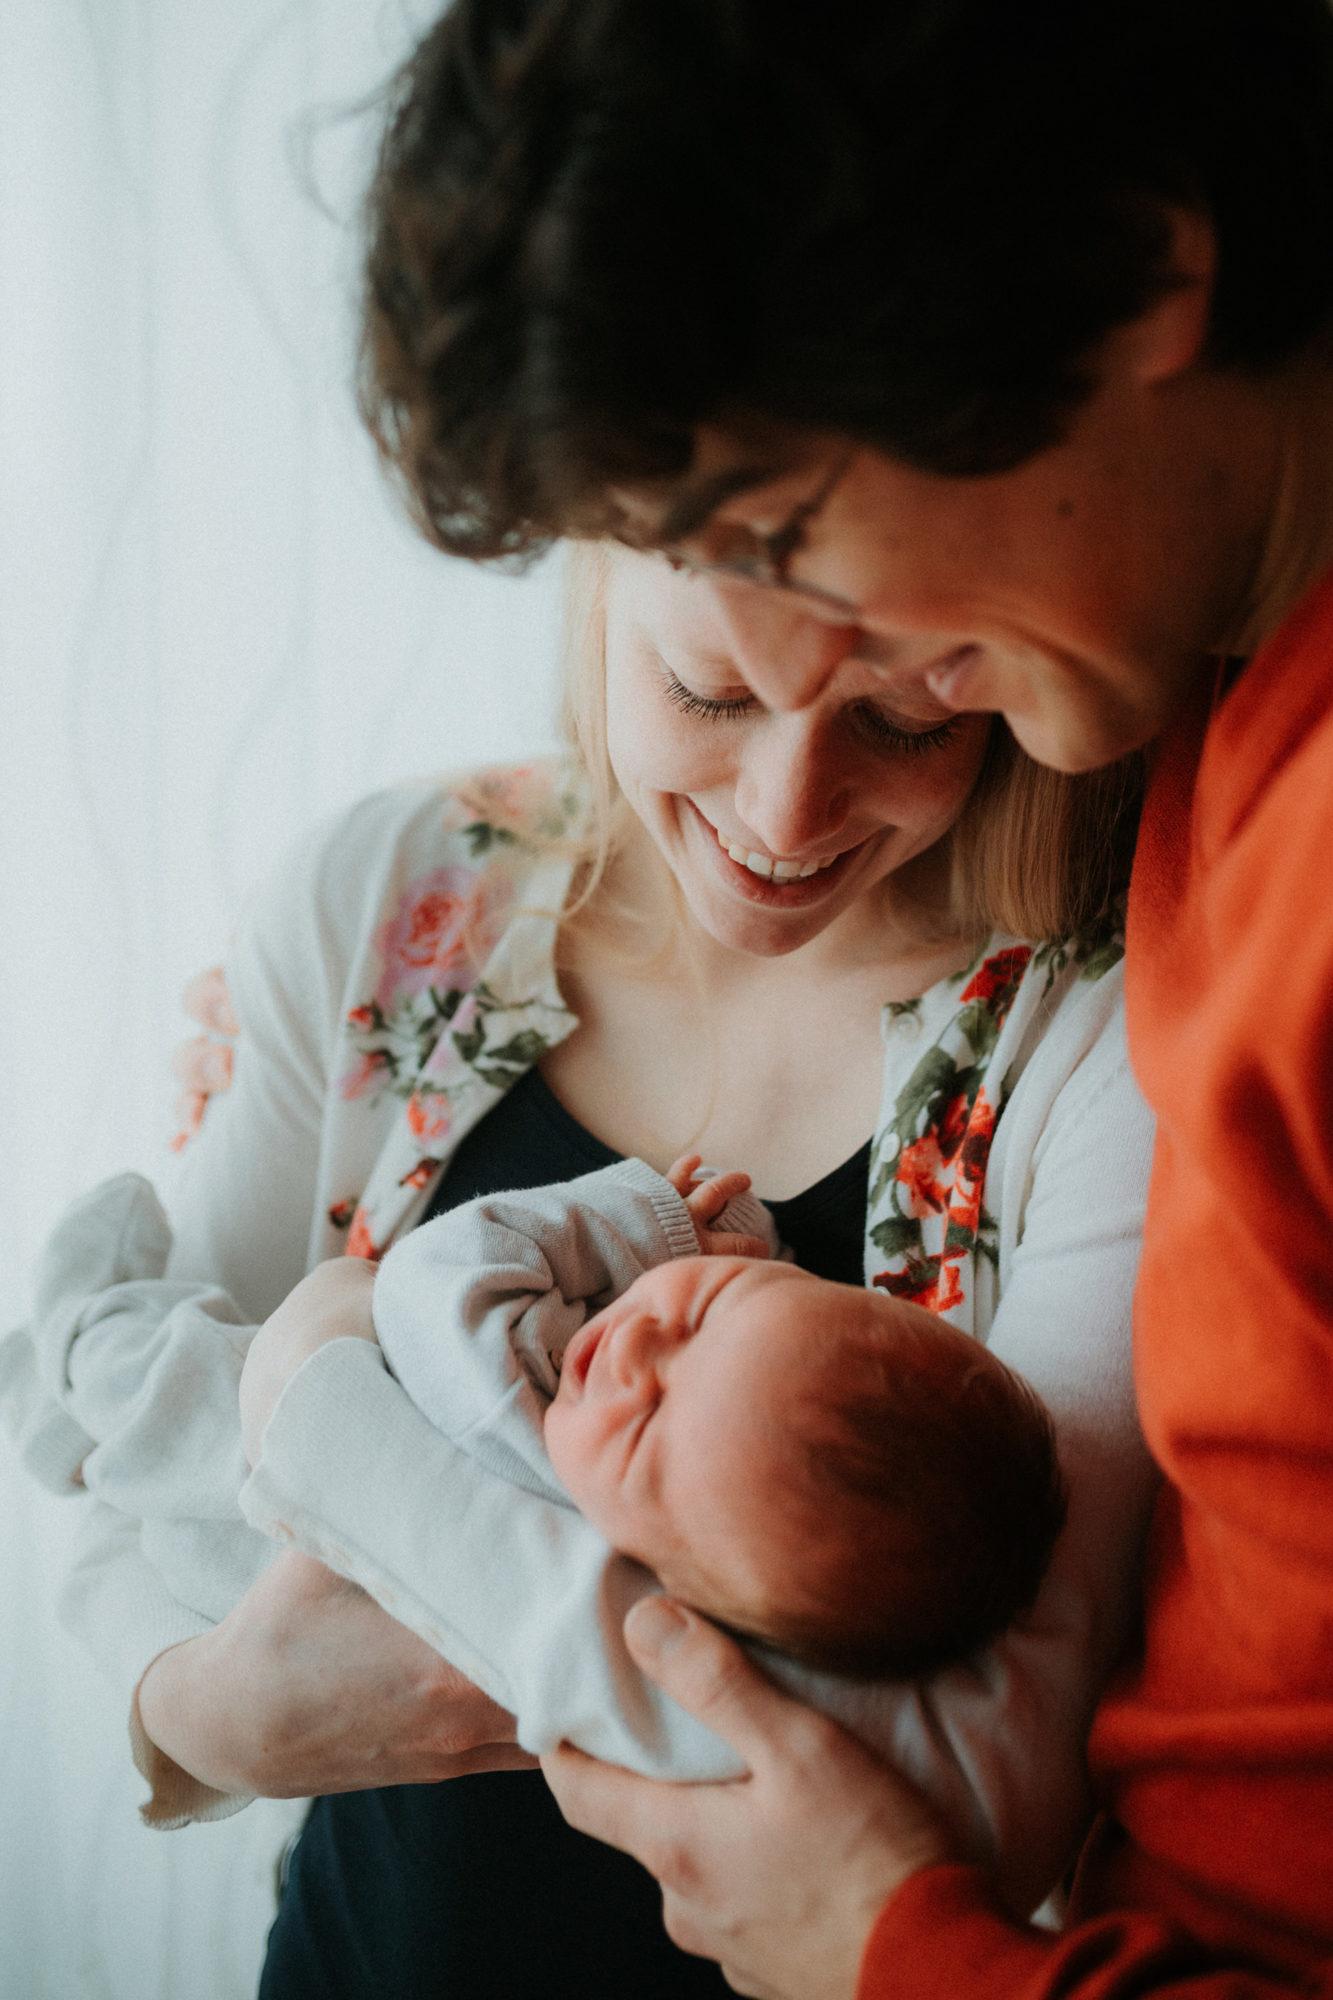 photographe nouveau ne geneve - photographe famille - photographe lifestyle french riviera - photos famille naturelle - portrait famille - elleseteux photographie